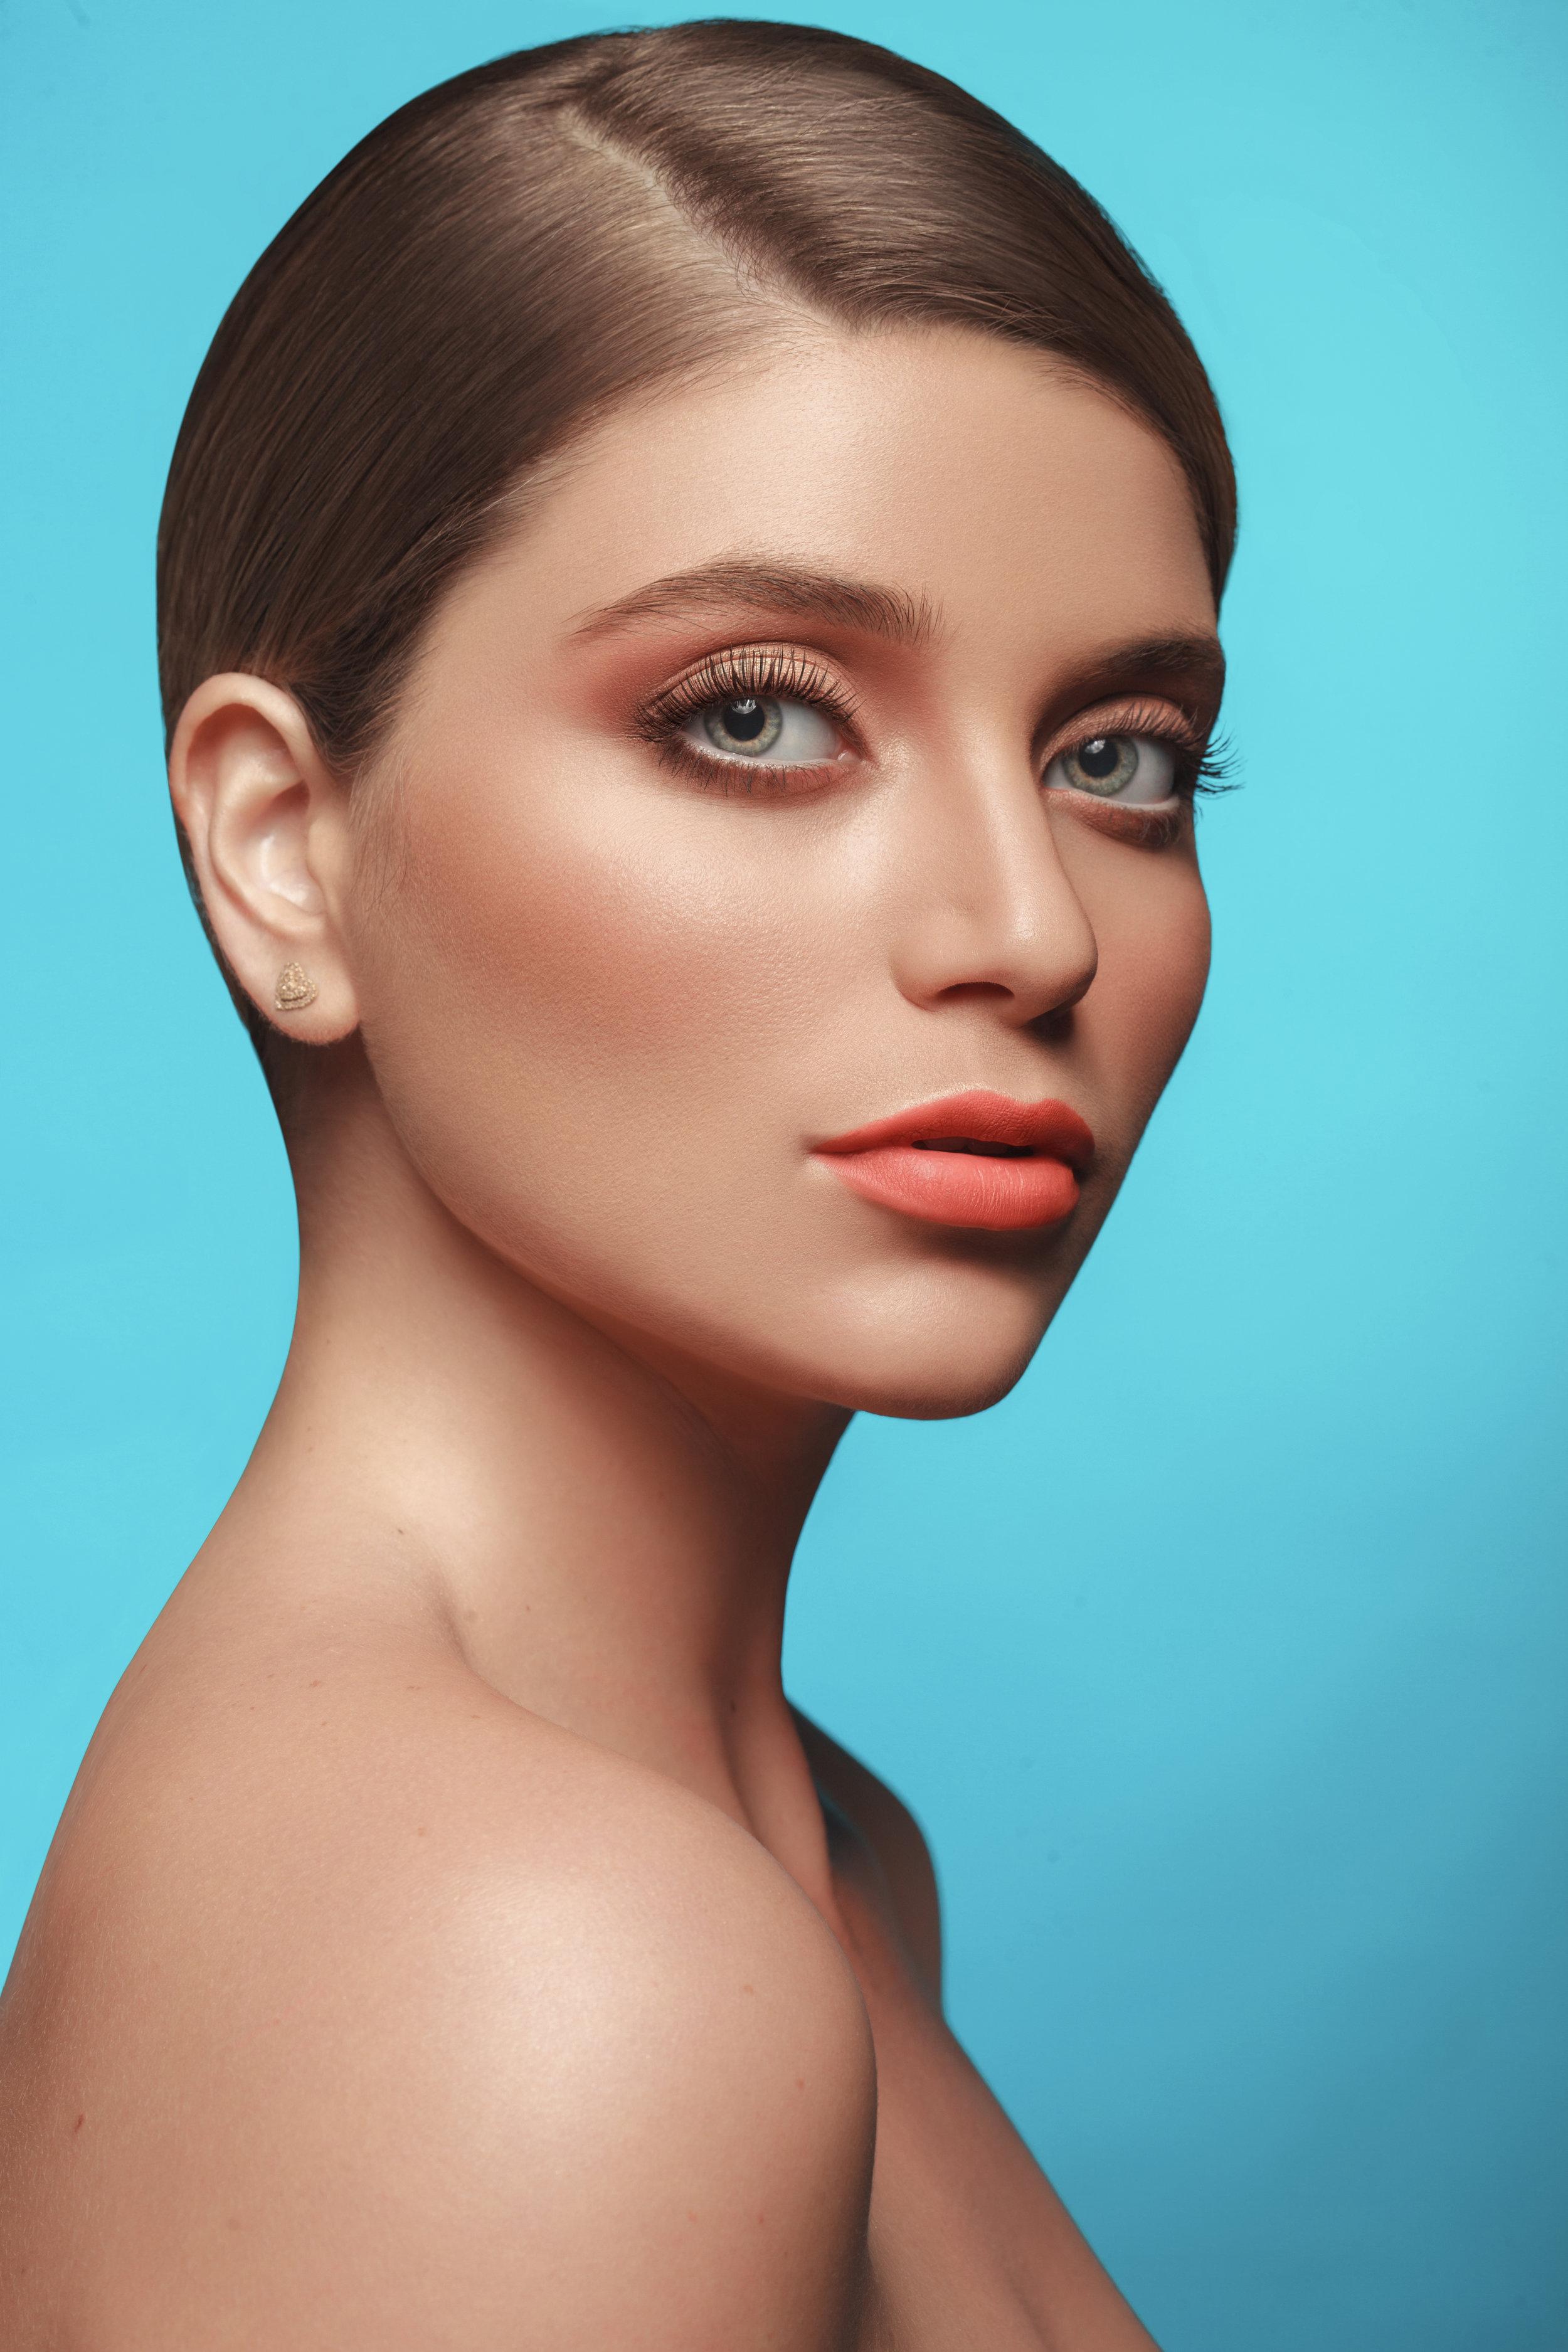 Model Citizen Magazine, Shay Kahzam, Fashion Inclusion. Now, Macky Suson, Model Citizen App, Model Citizen Media, Nosus.co, Amyck.co5.jpg